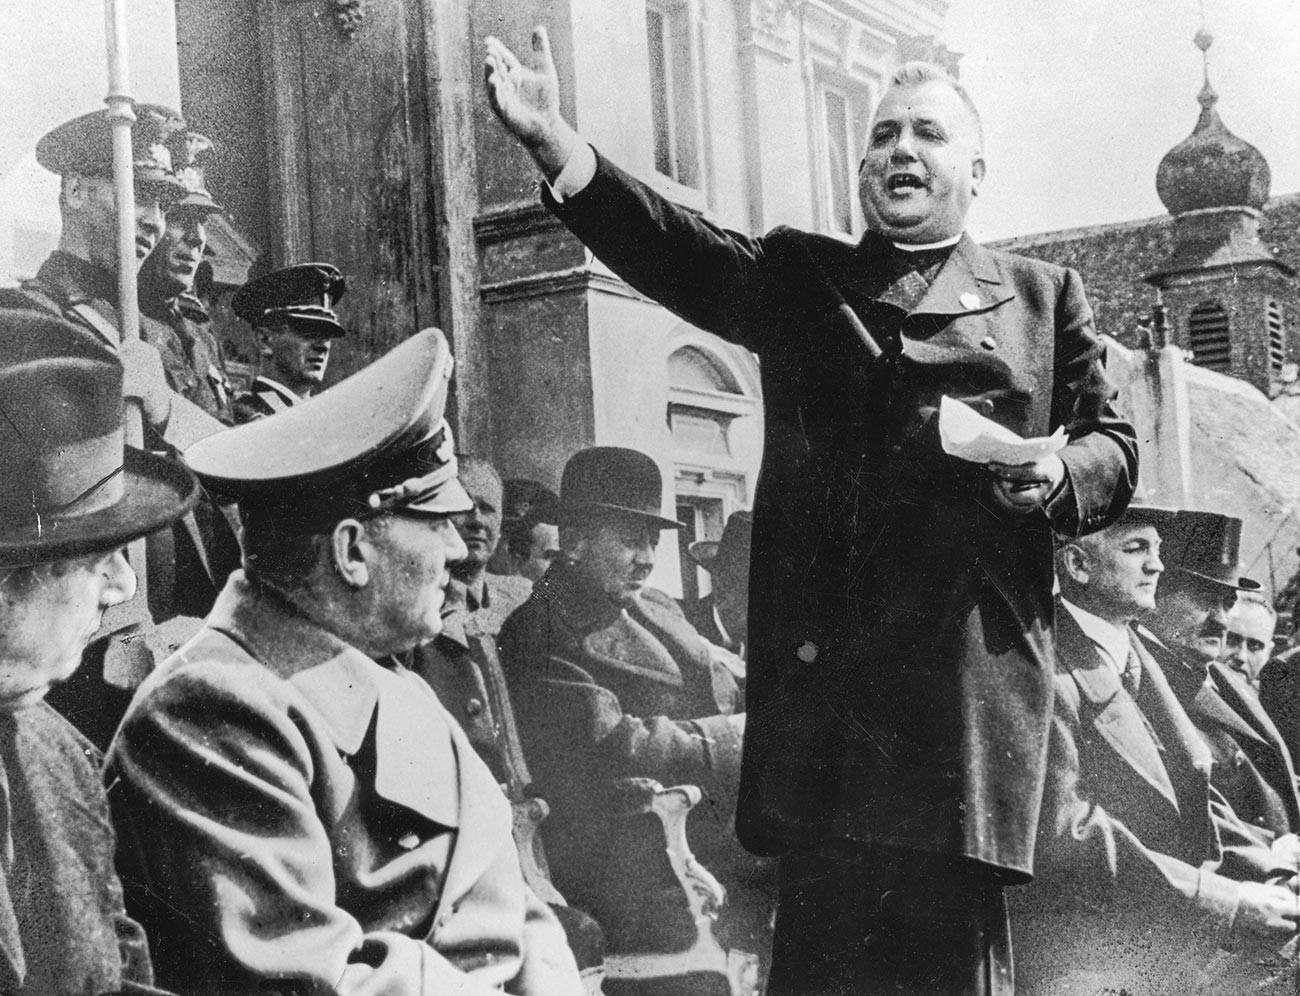 Словашкият свещеник и политик Йозеф Тисо (1887-1947) посреща нацистите в независима Словакия, 1939 г.